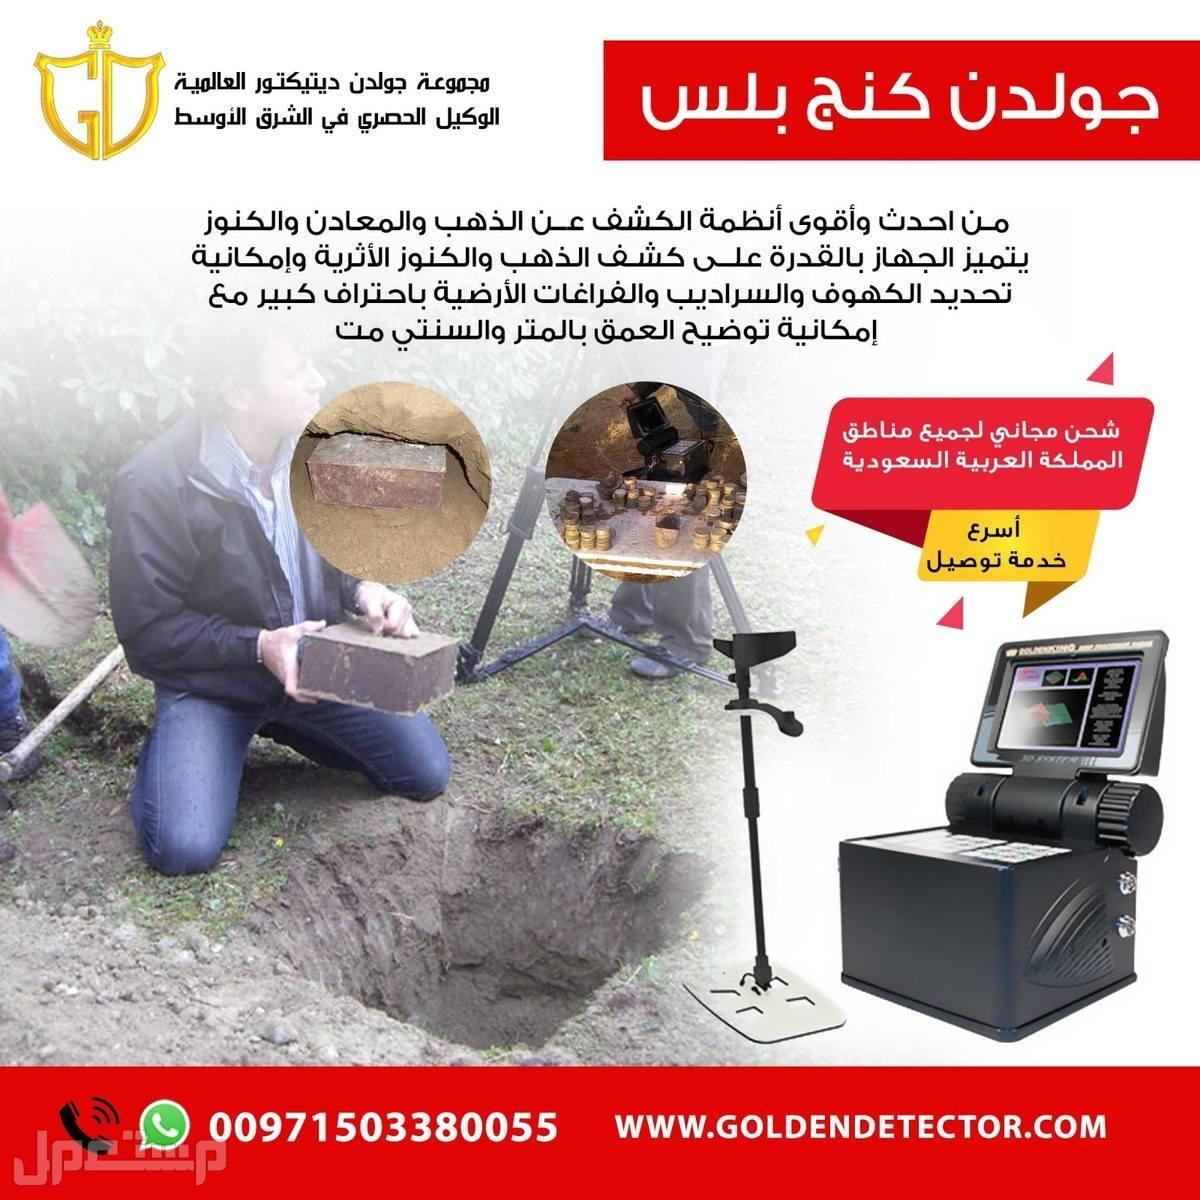 جهاز كشف الذهب والمعادن والفراغات جهاز جولدن كنج بلس 2021